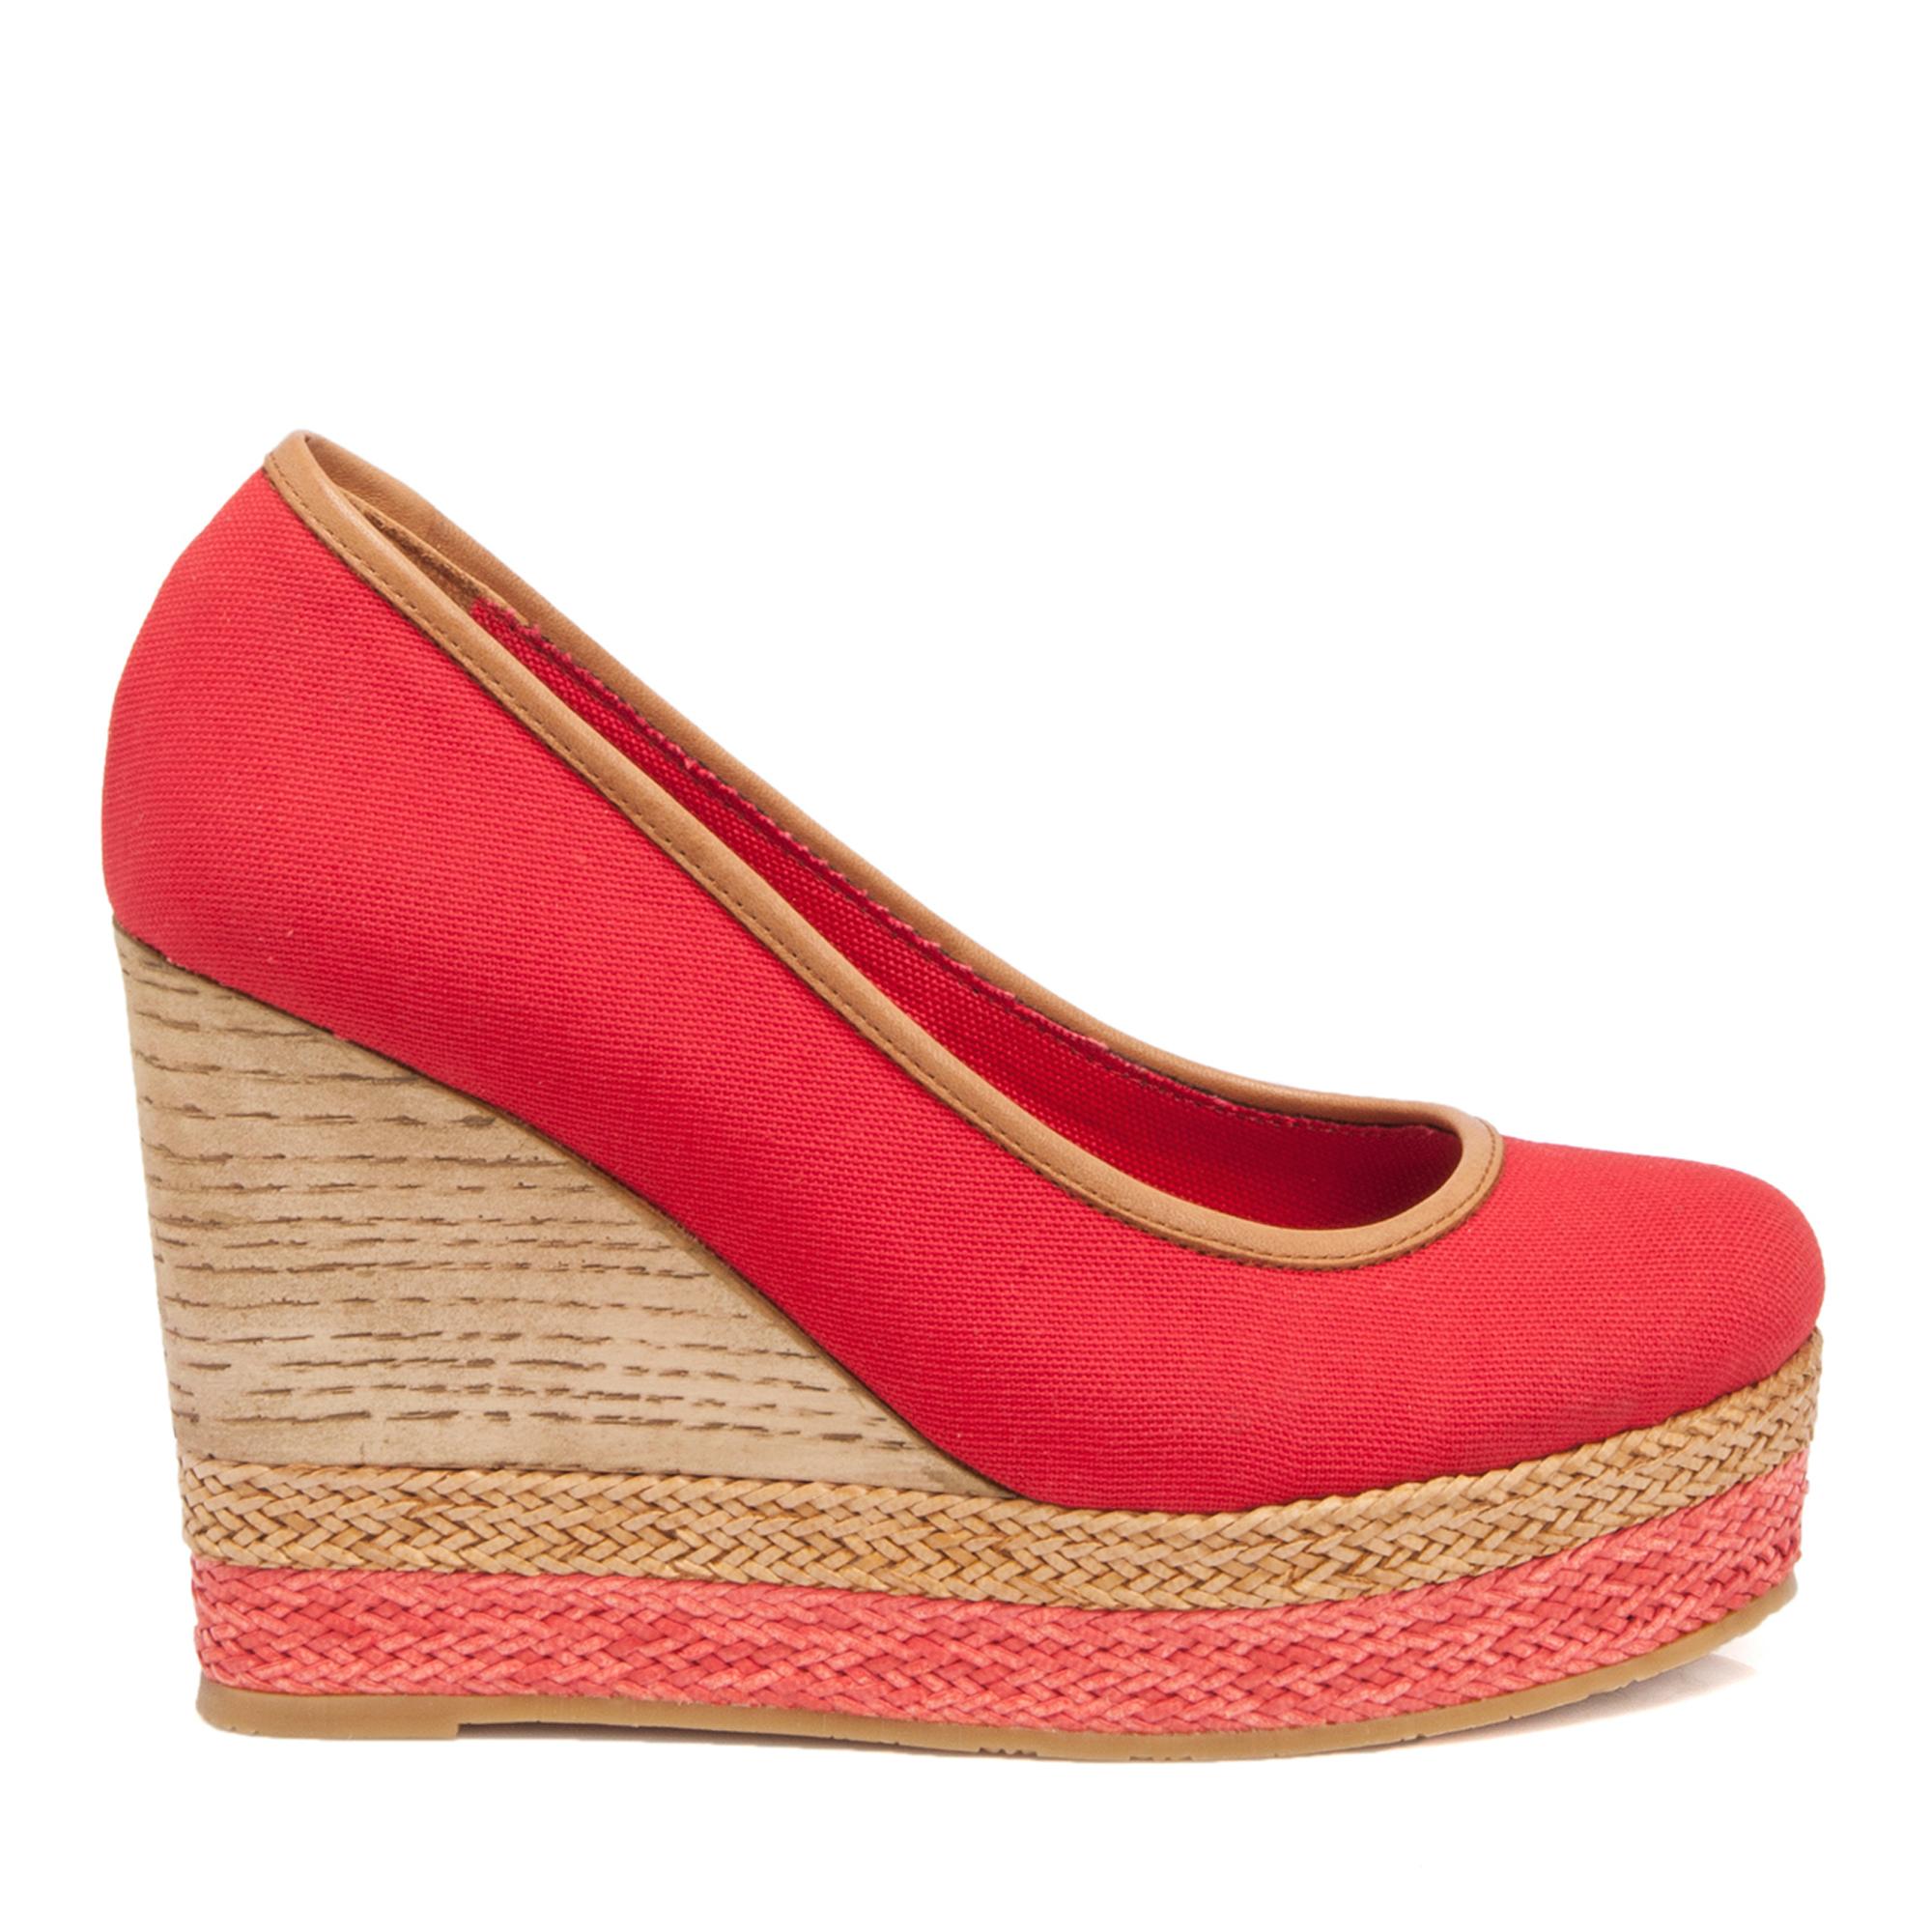 Kırmızı Tekstil Kadın Ayakkabı 63397B9L